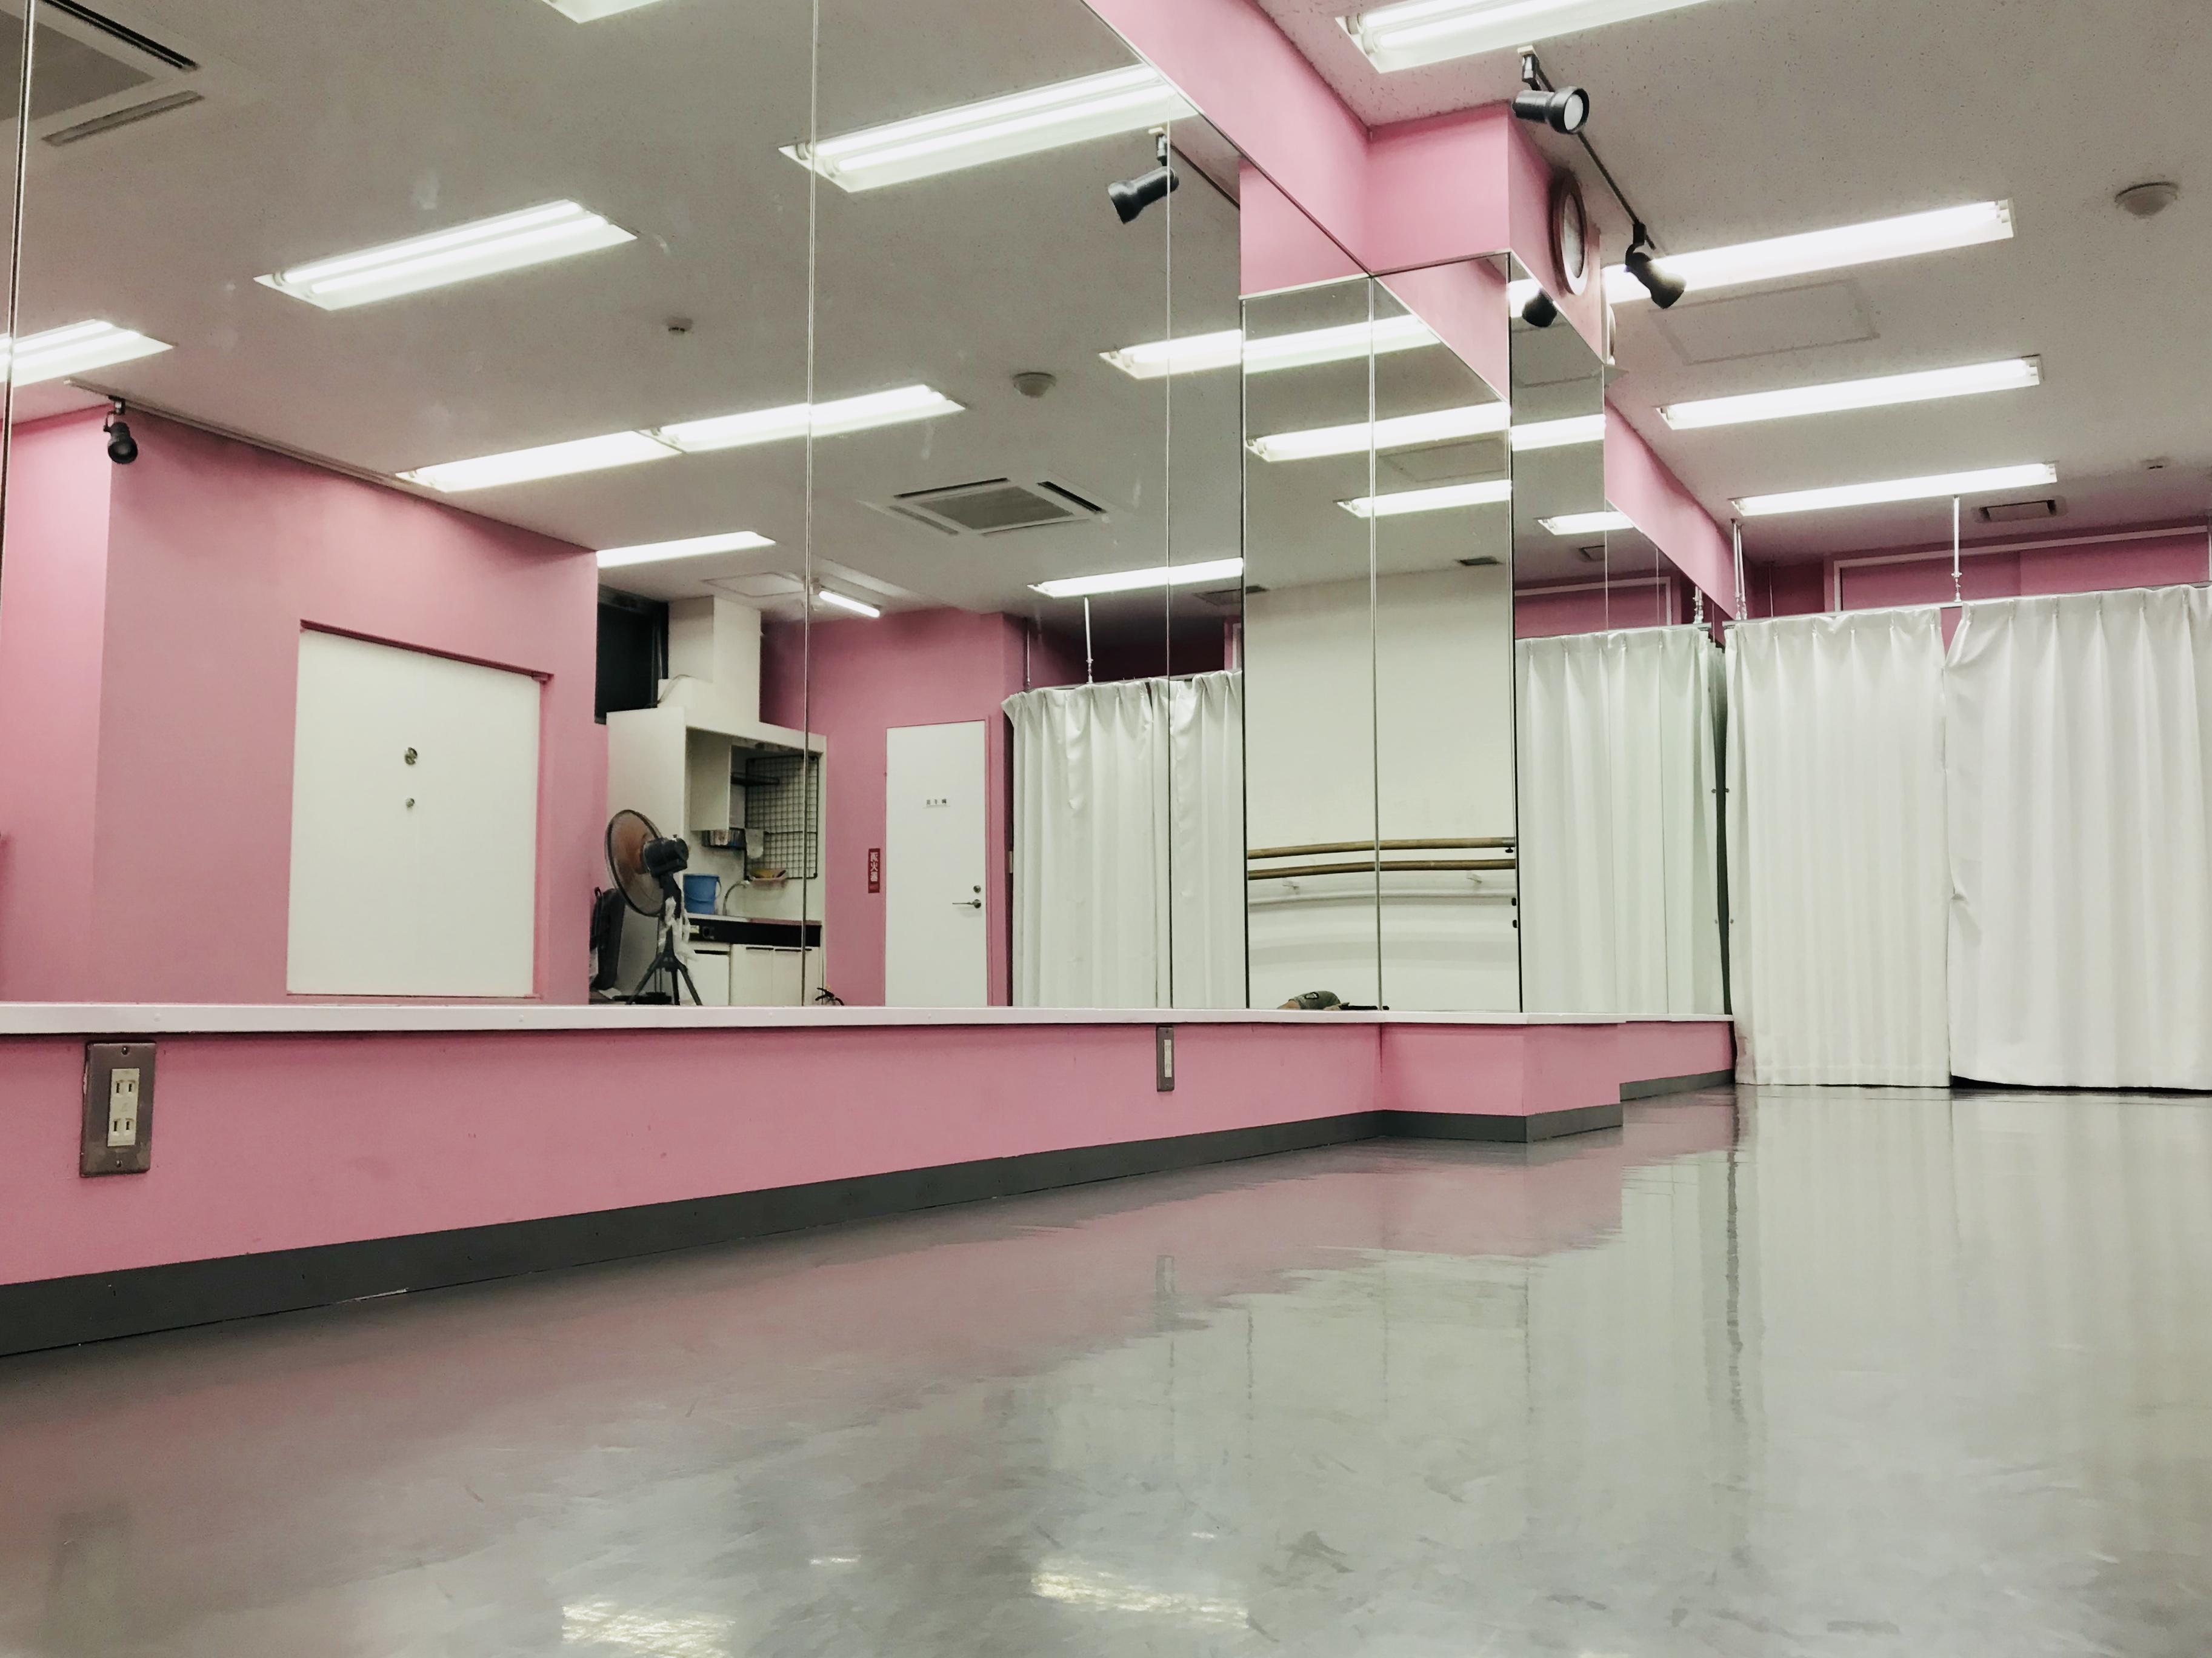 千代田区 秋葉原の貸しレンタルダンススタジオ ブルーハススタジオ 鏡5